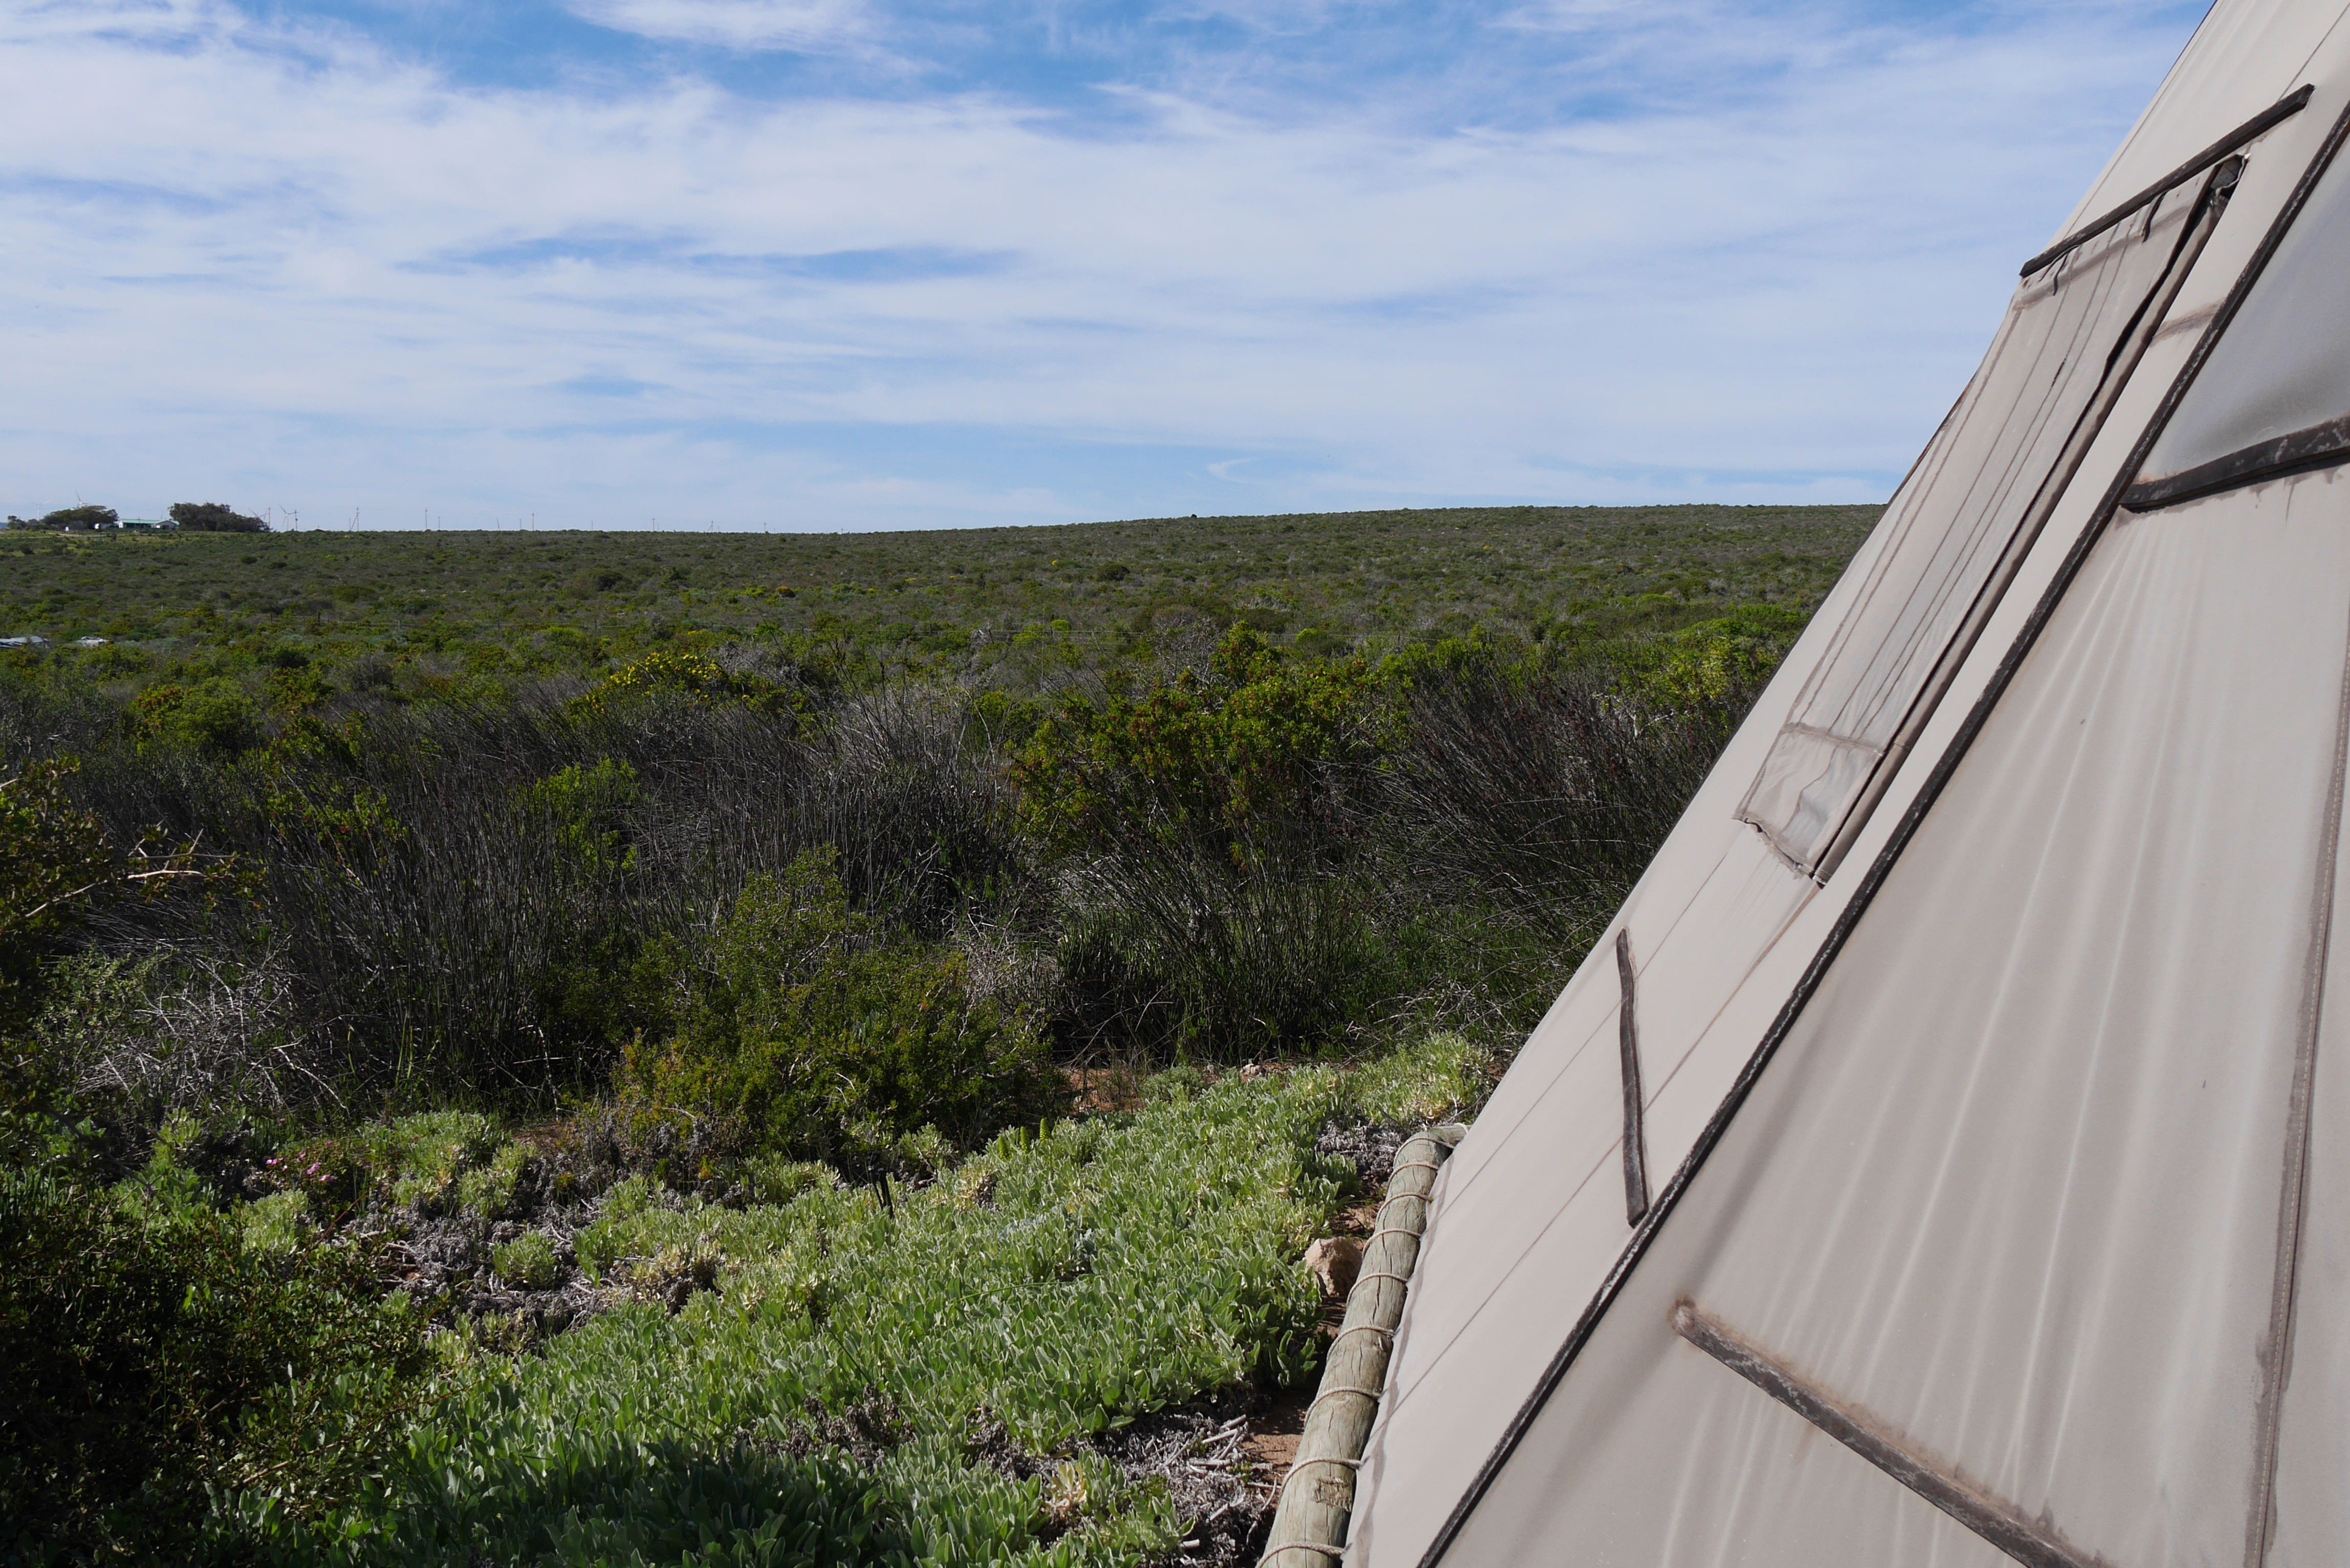 Landschaft um das Farr Out Guesthouse in Paternoster bei unserem Wochenendausflug von Kapstadt